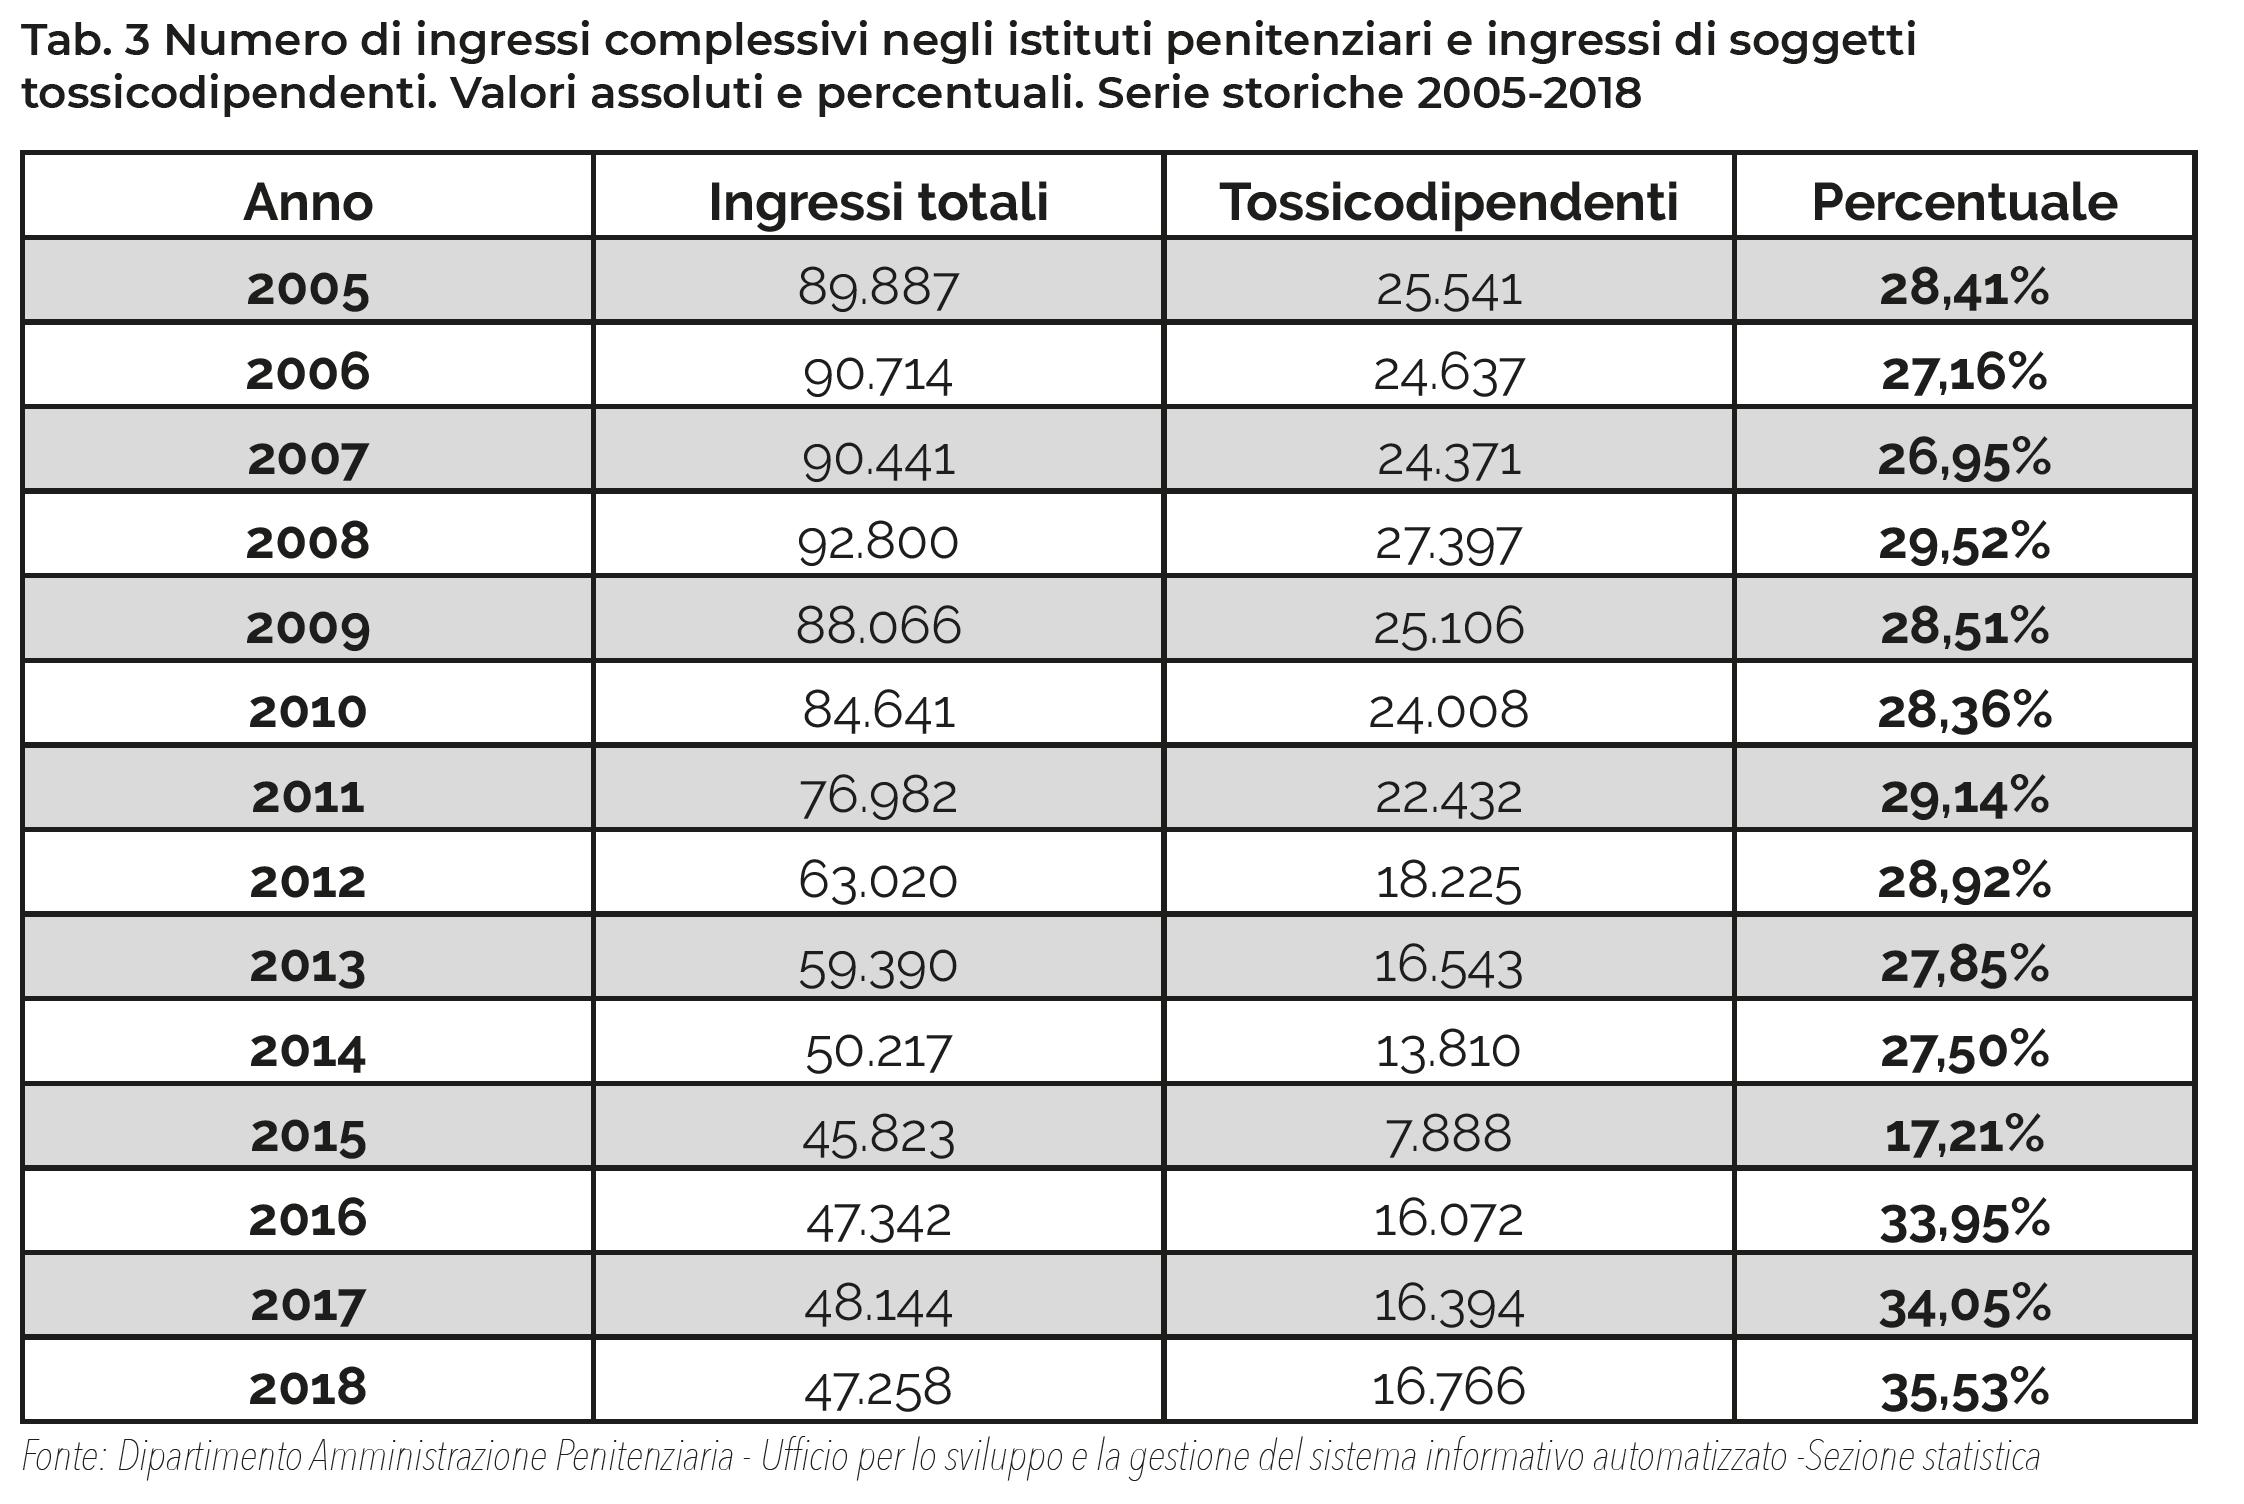 Tab. 3 Numero di ingressi complessivi negli istituti penitenziari e ingressi di soggetti tossicodipendenti. Valori assoluti e percentuali. Serie storiche 2005-2018